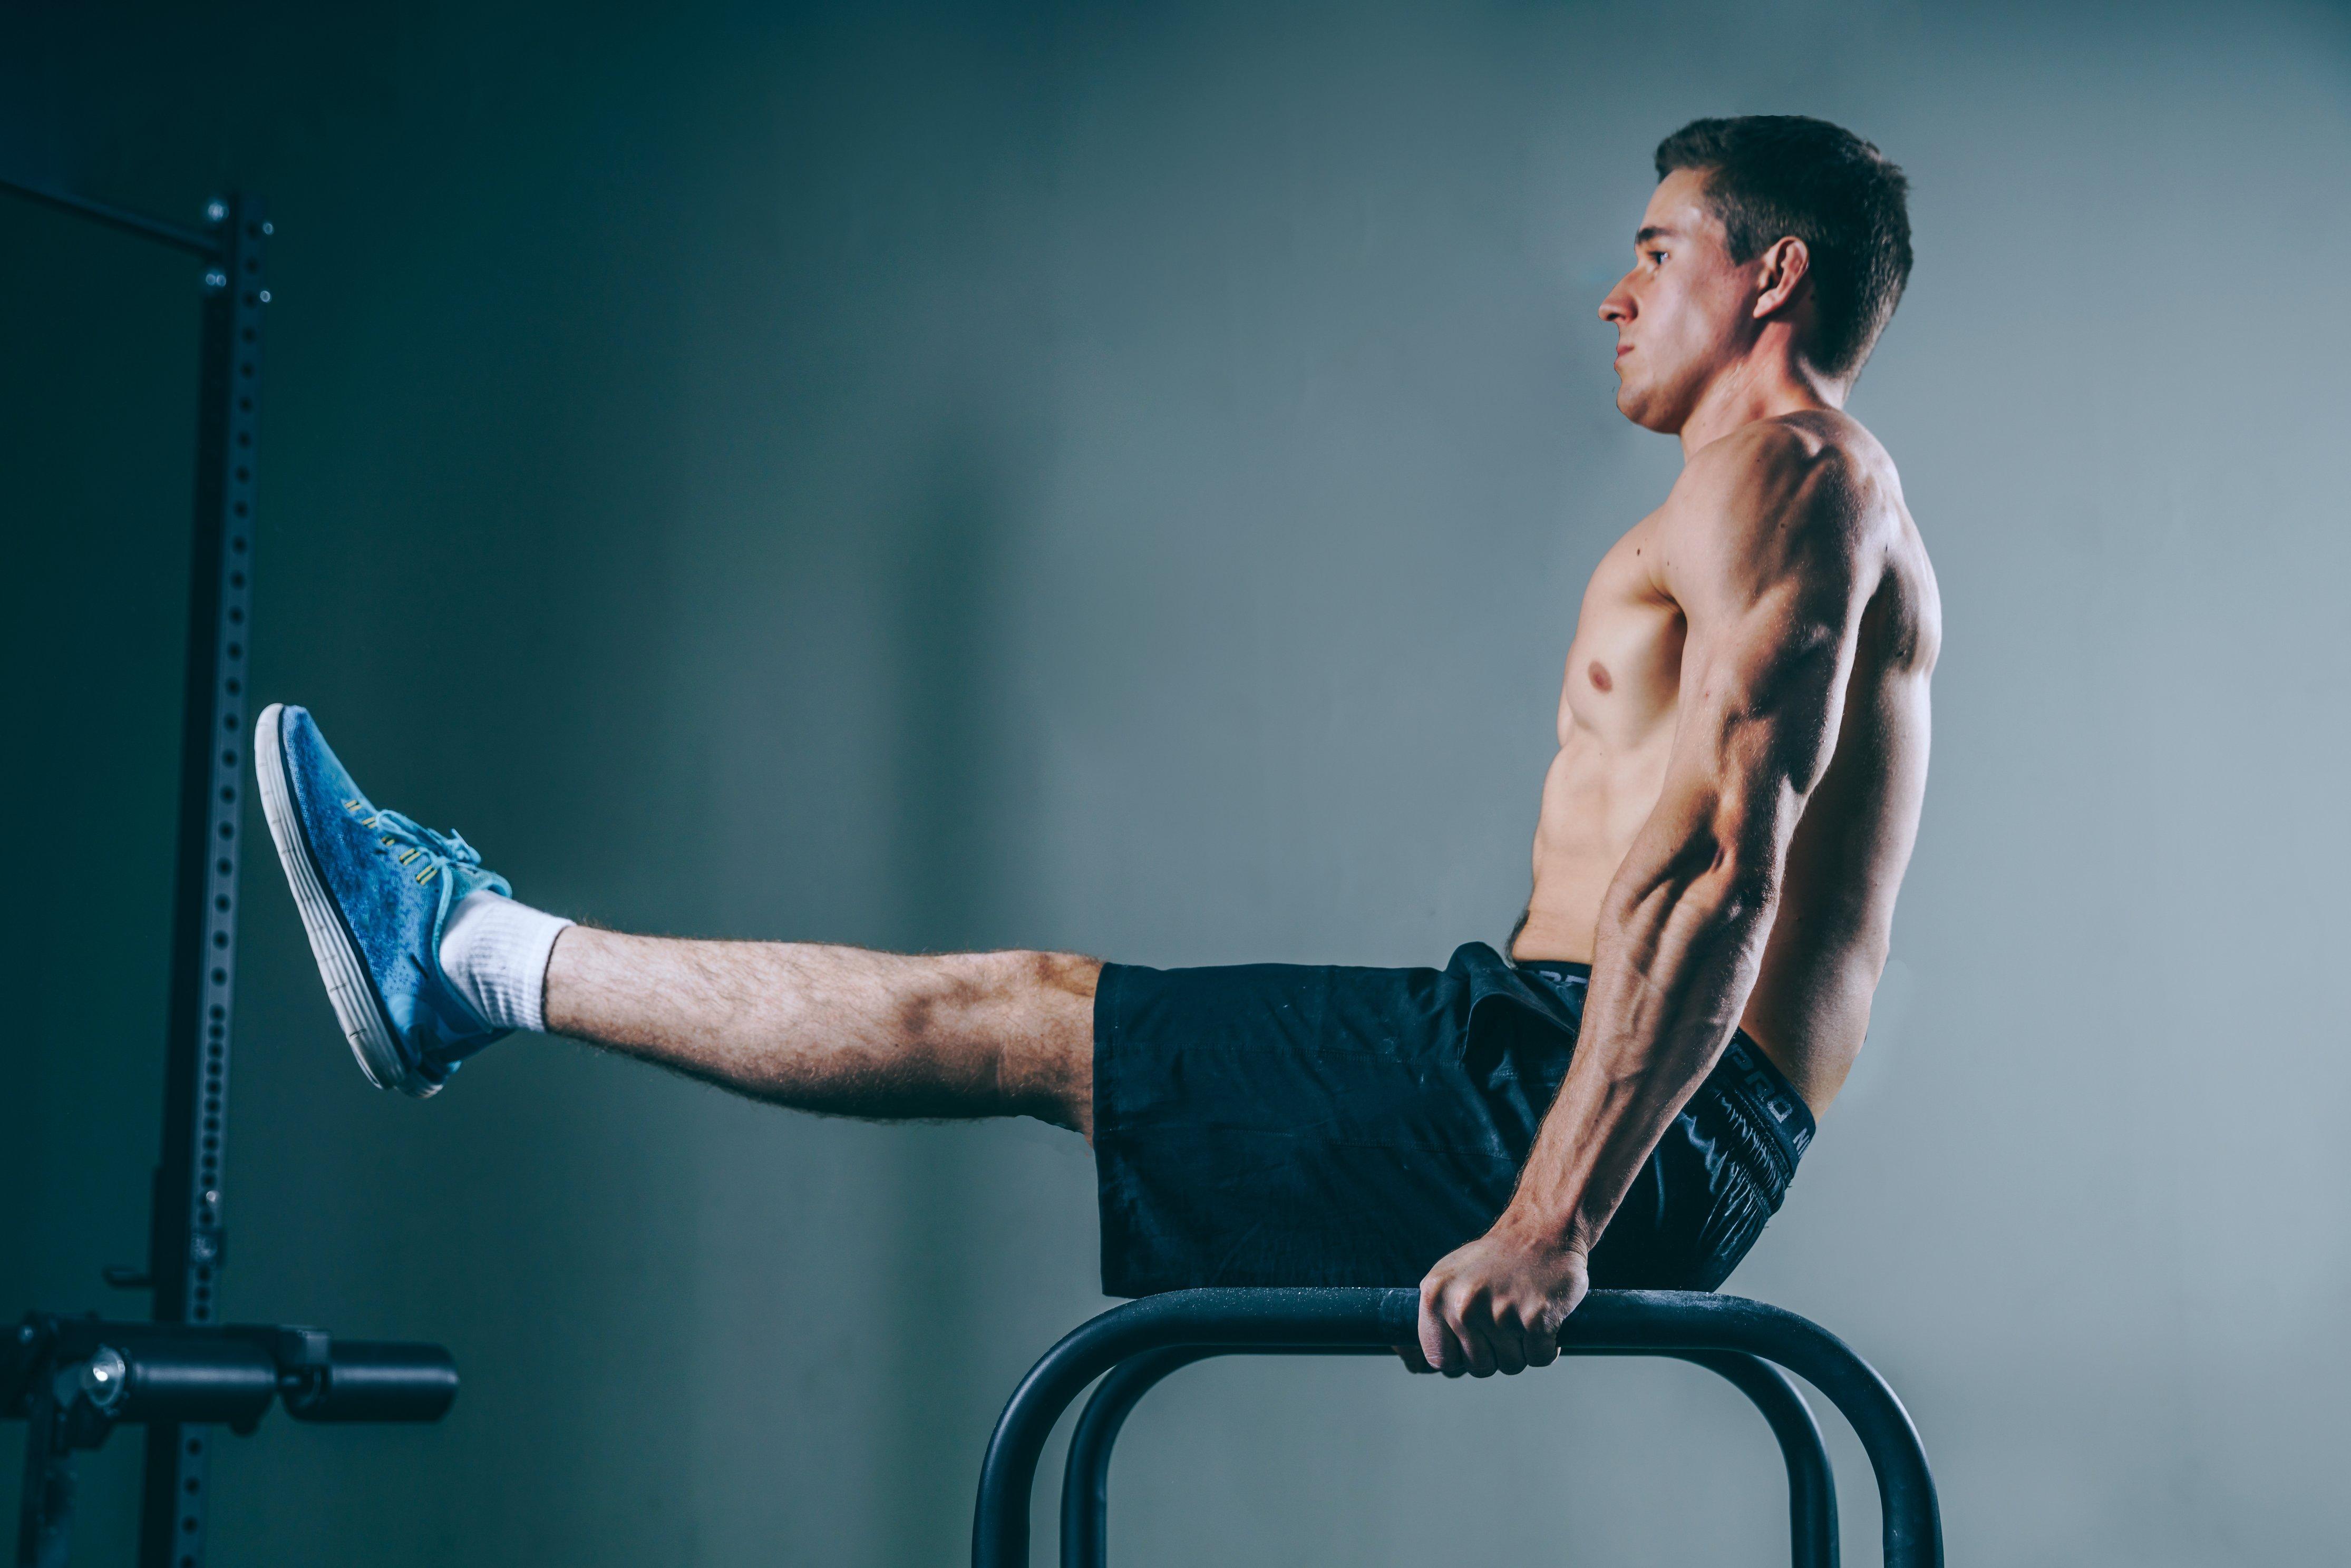 Программа тренировки для мужчины в тренажерном зале